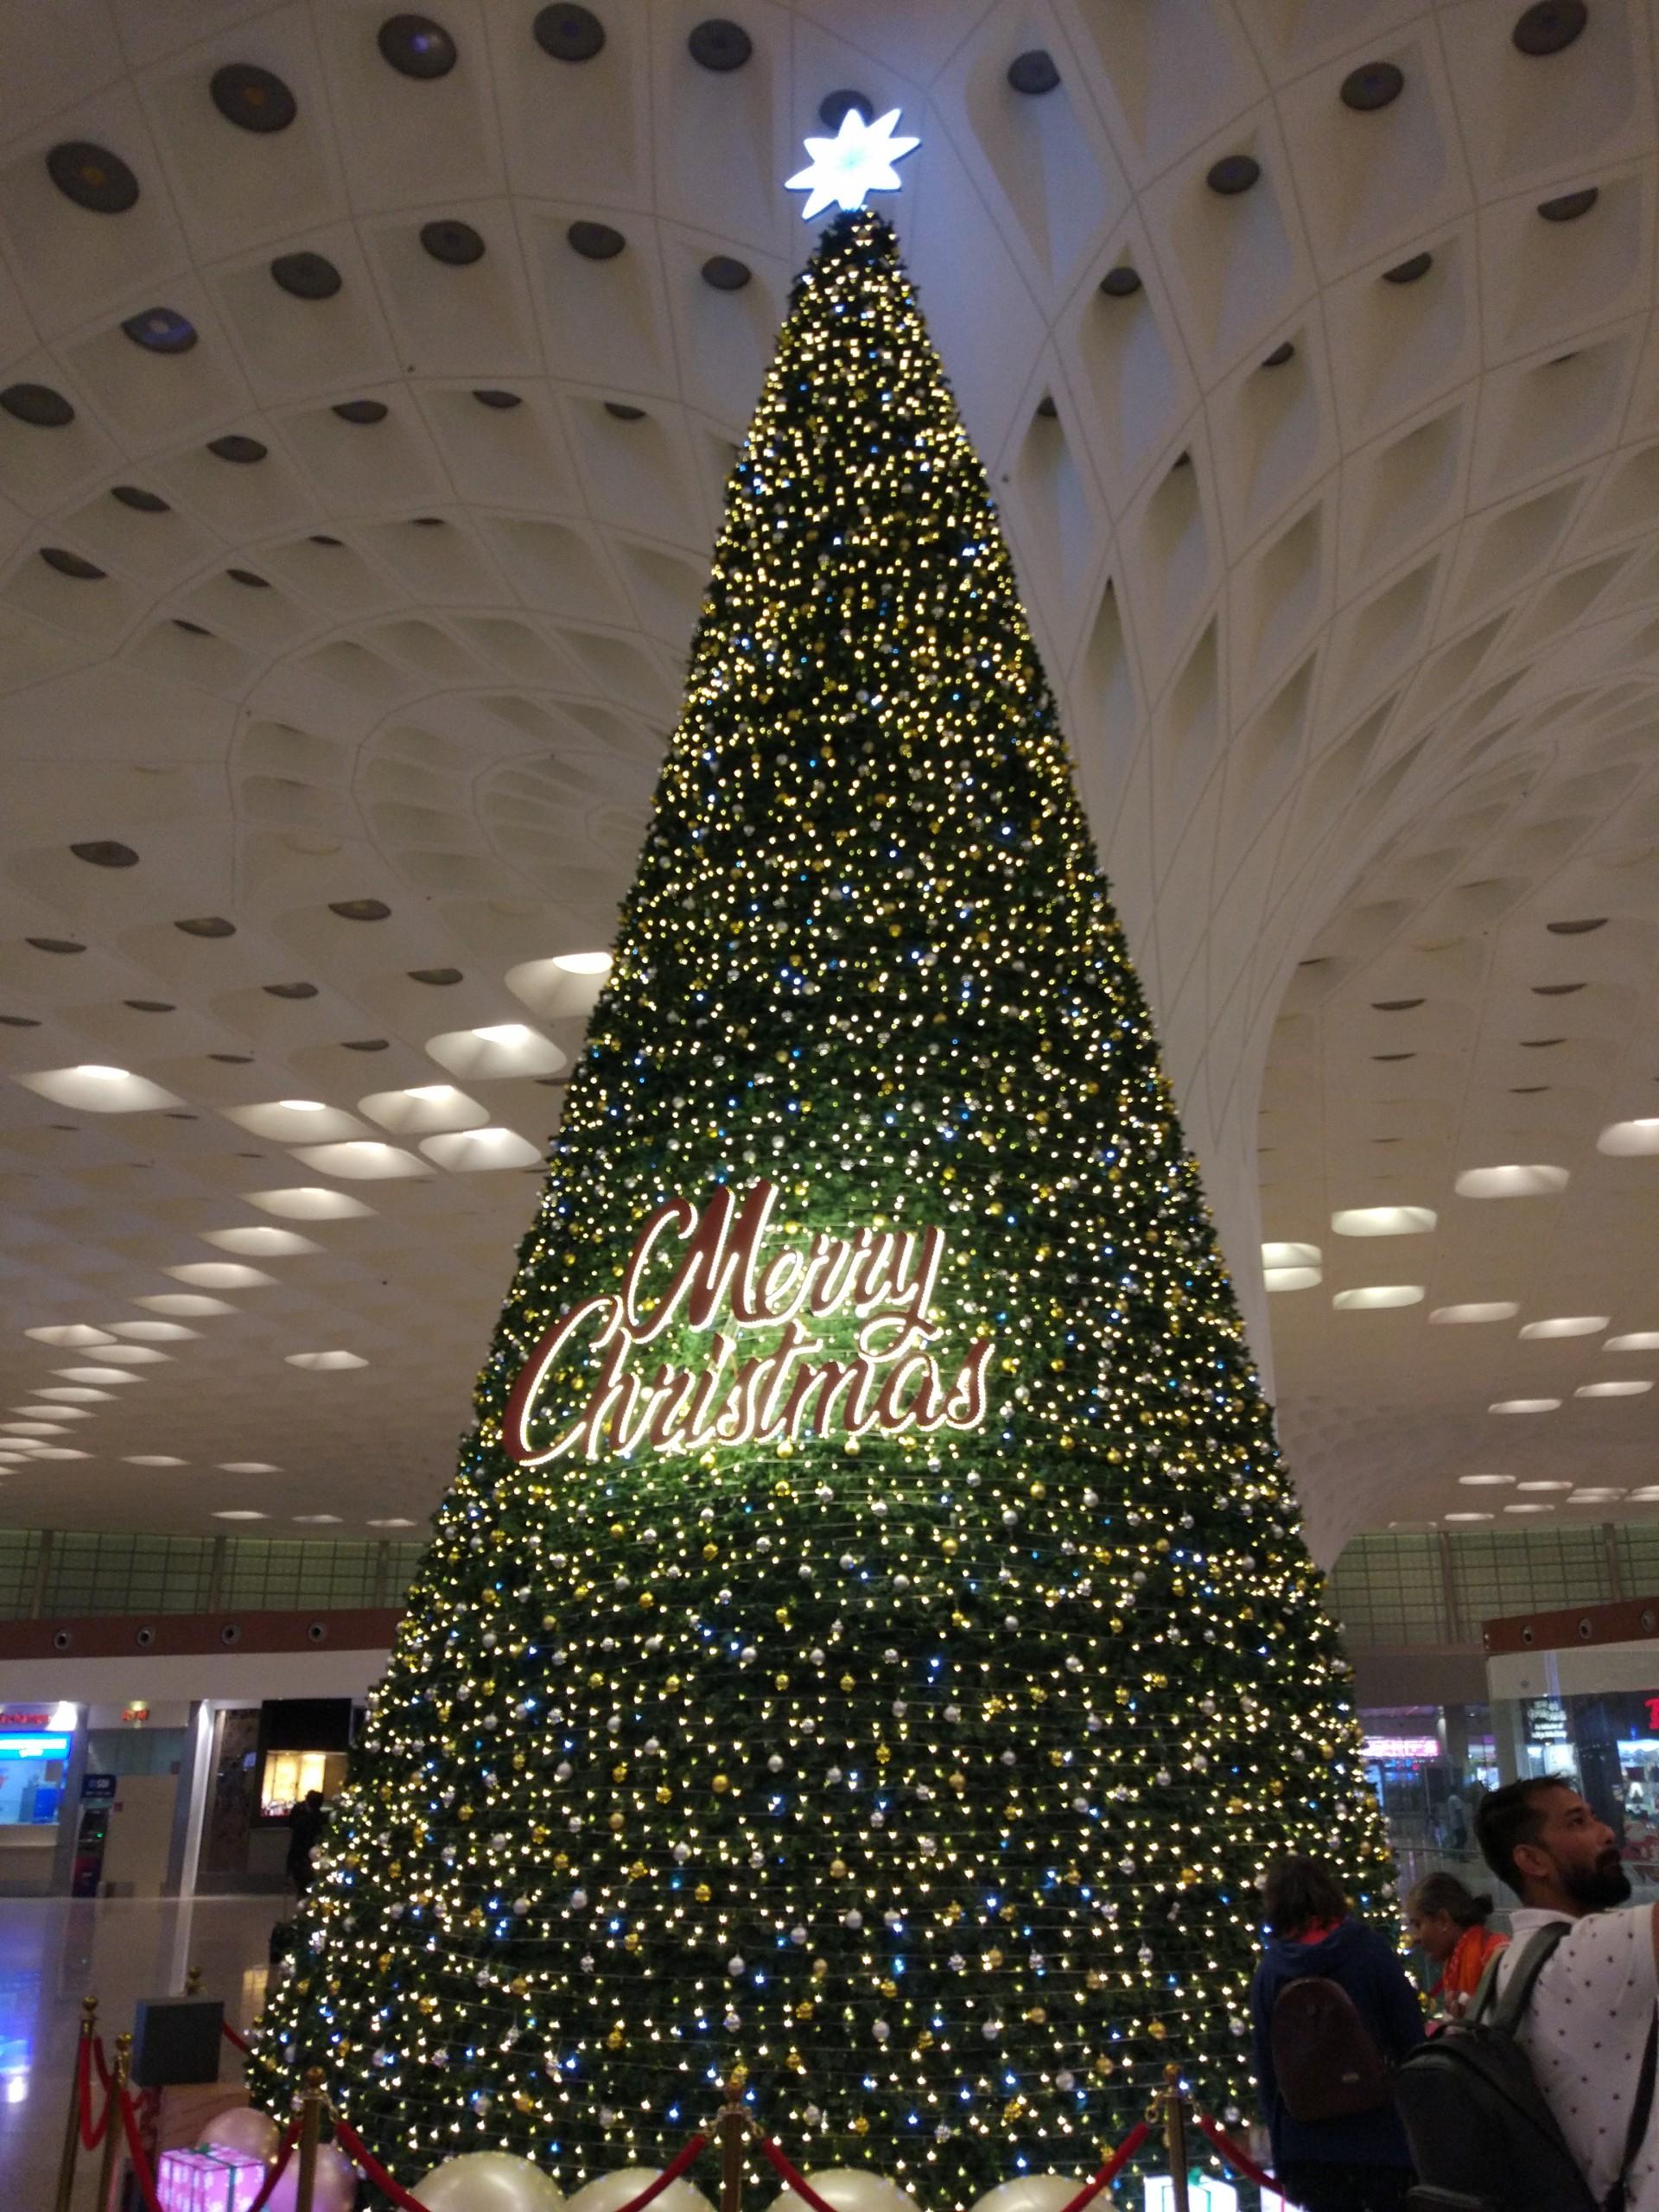 X'mas tree at Mumbai Airport